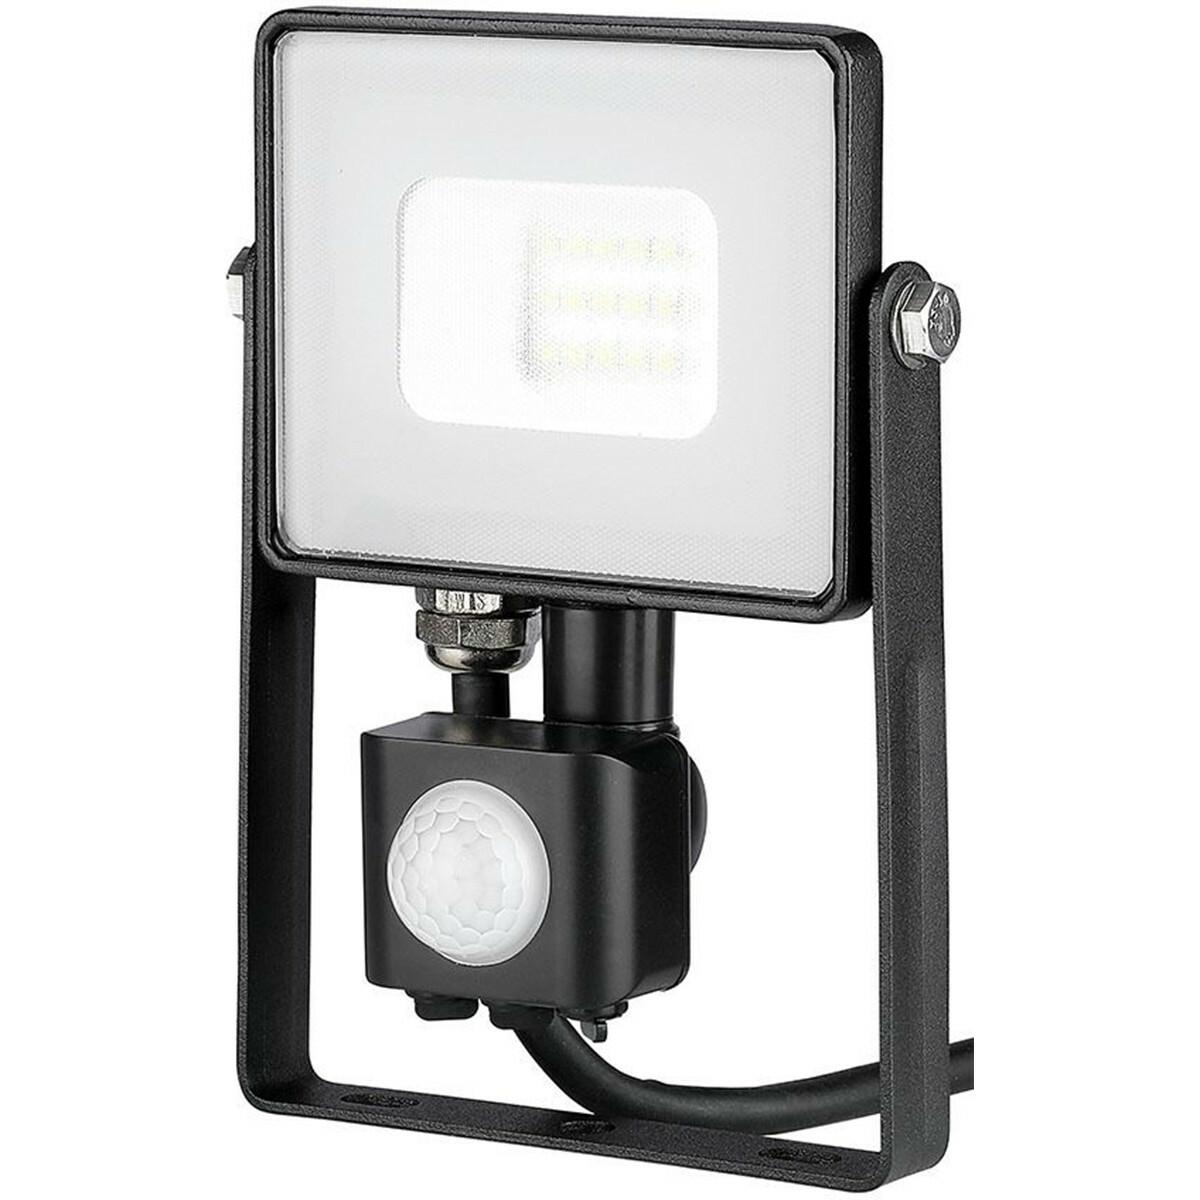 SAMSUNG - LED Bouwlamp 10 Watt met Sensor - LED Schijnwerper - Viron Dana - Natuurlijk Wit 4000K - M